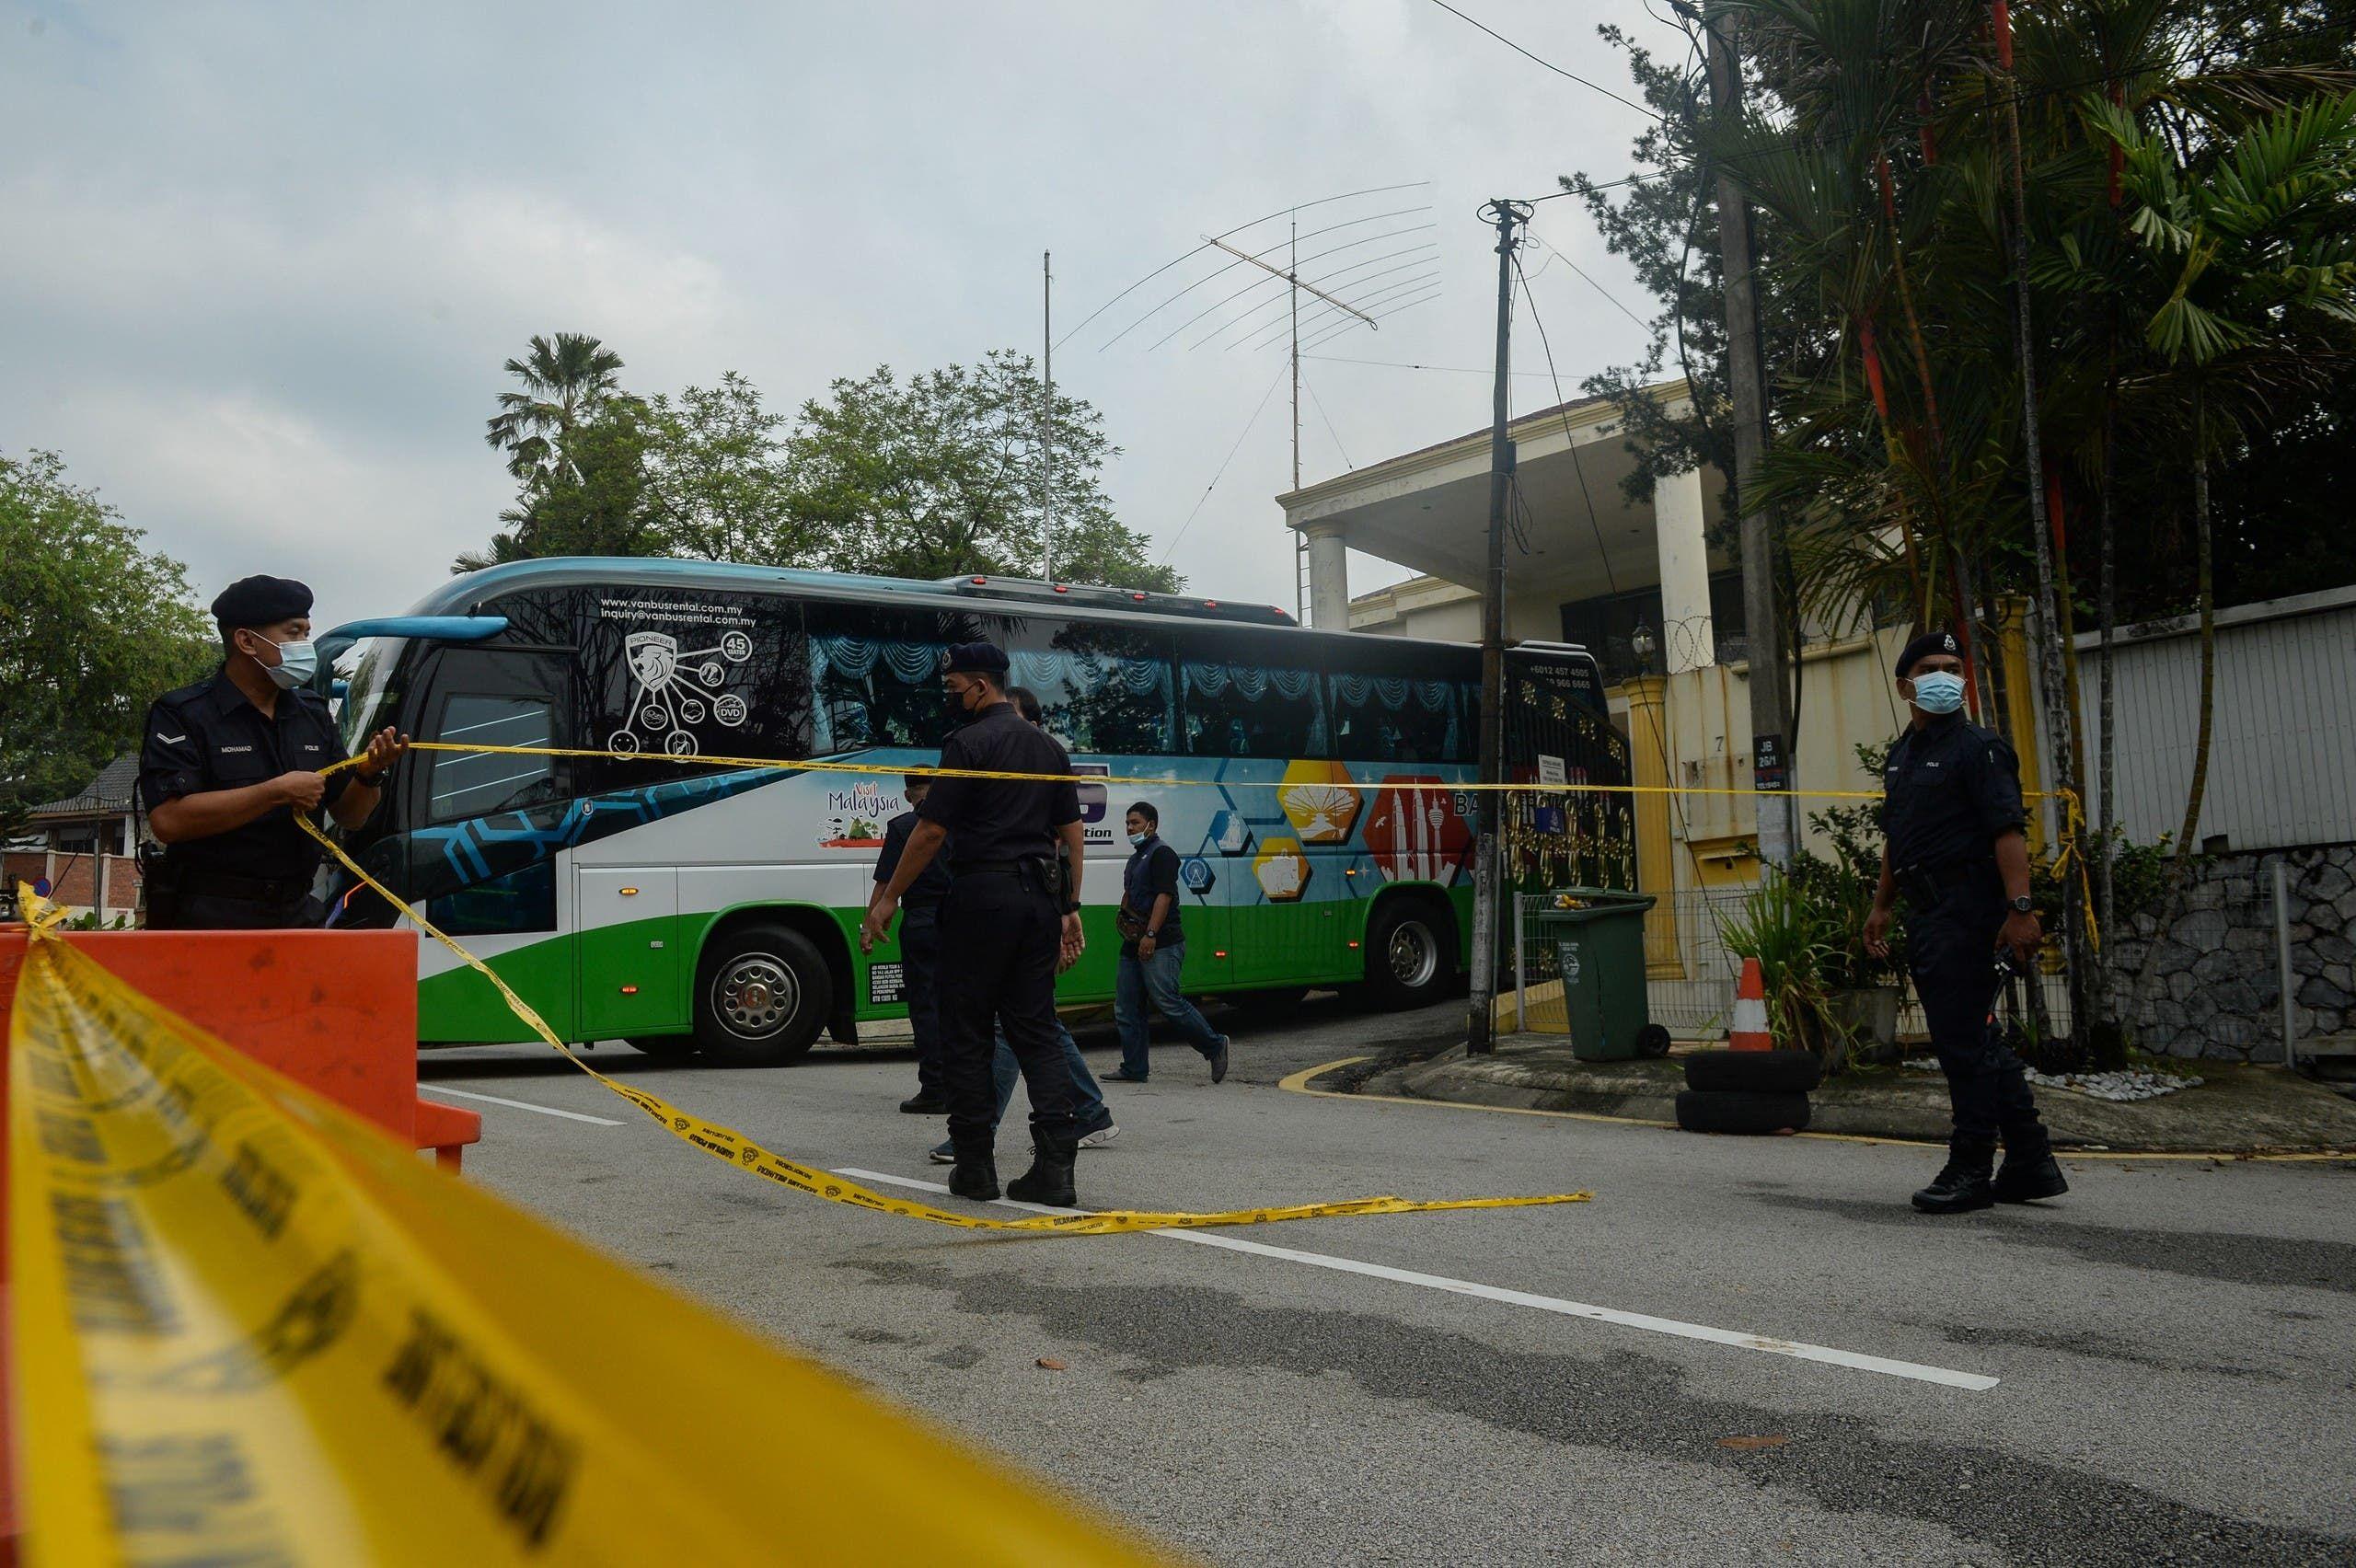 حافلة تقل دبلوماسي كوريا الشمالية للمطار في ماليزيا